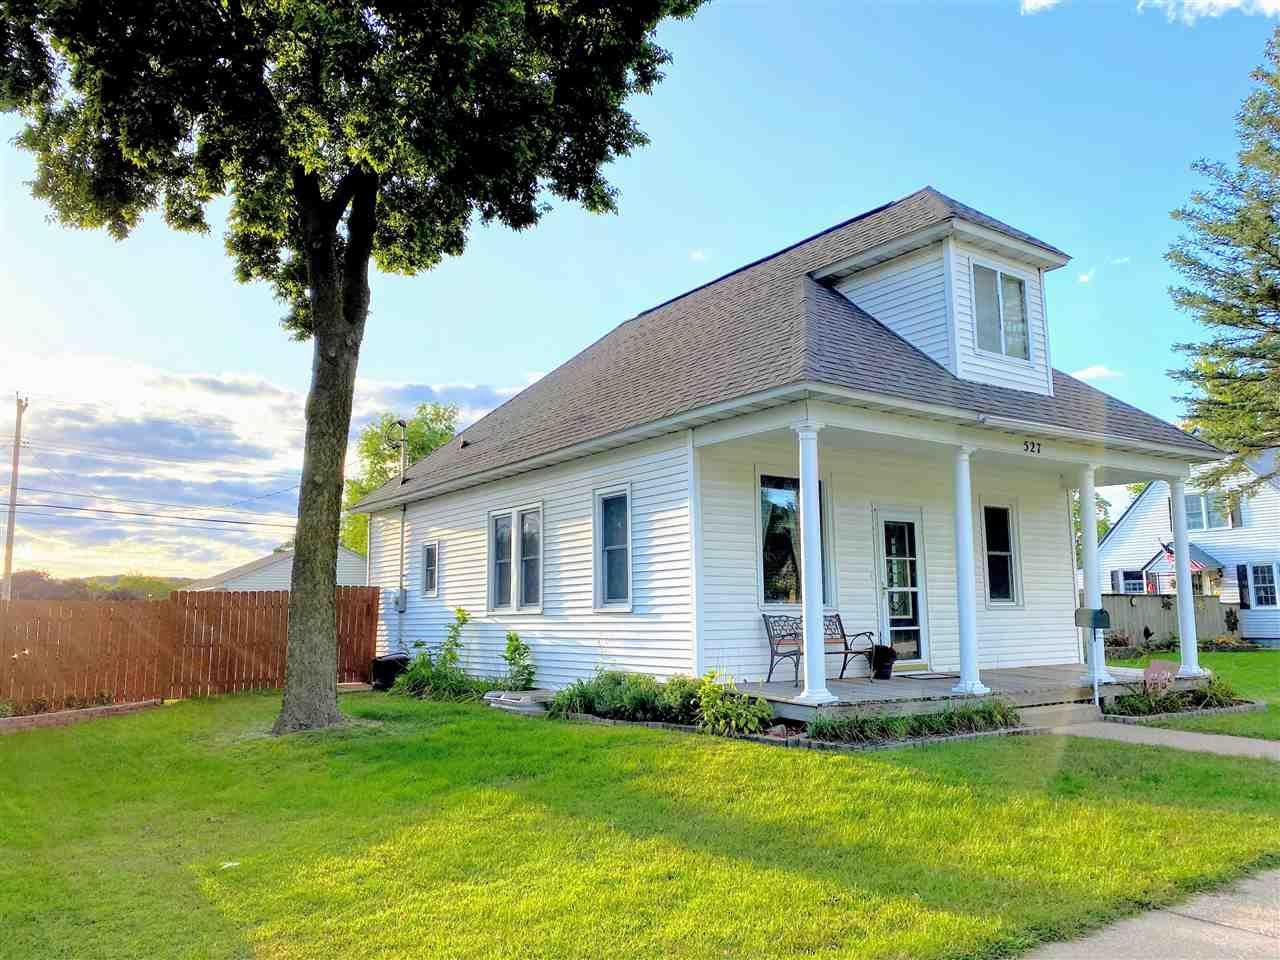 527 N Michigan St, Prairie du Chien, WI 53821 - #: 1893988